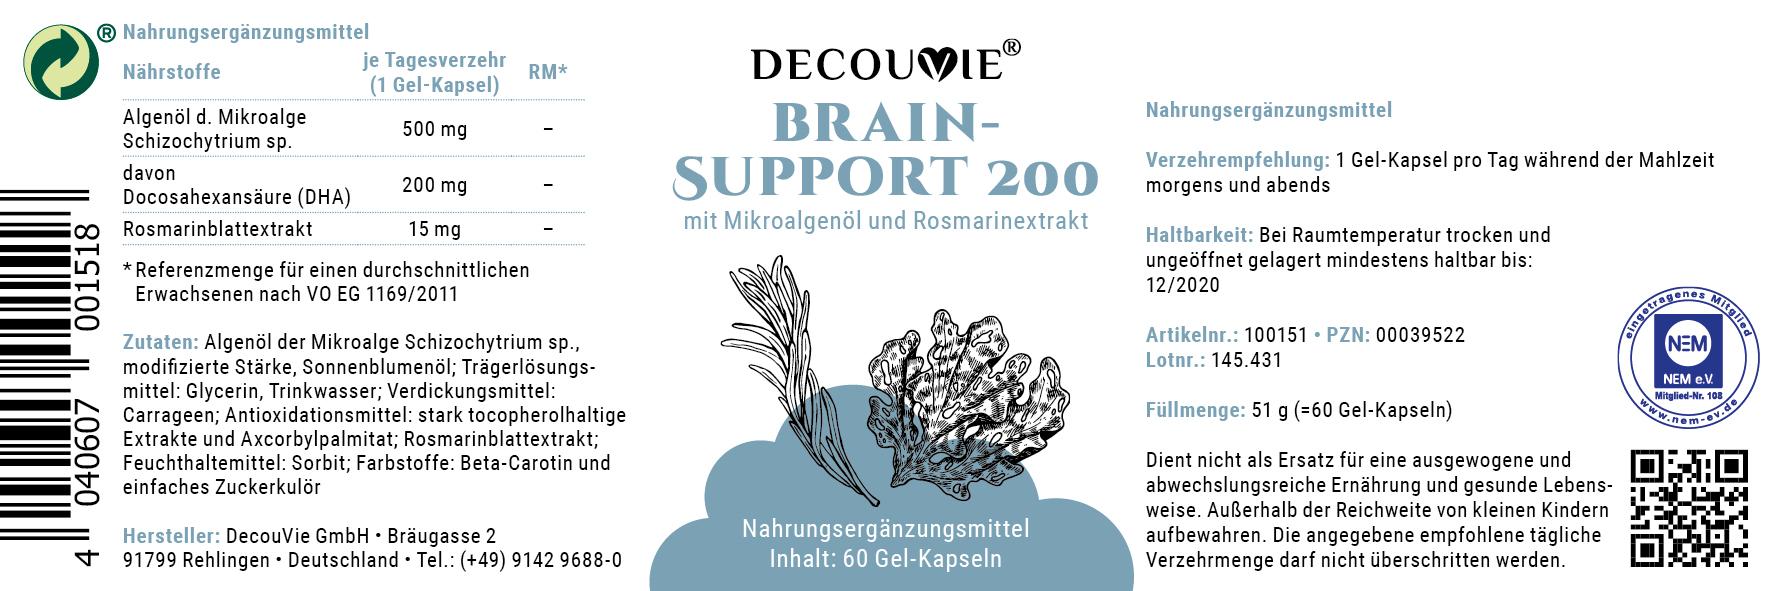 Brain Support 200, zur Verbesserung der Konzentration und Hirnleistung, 60 Kapseln